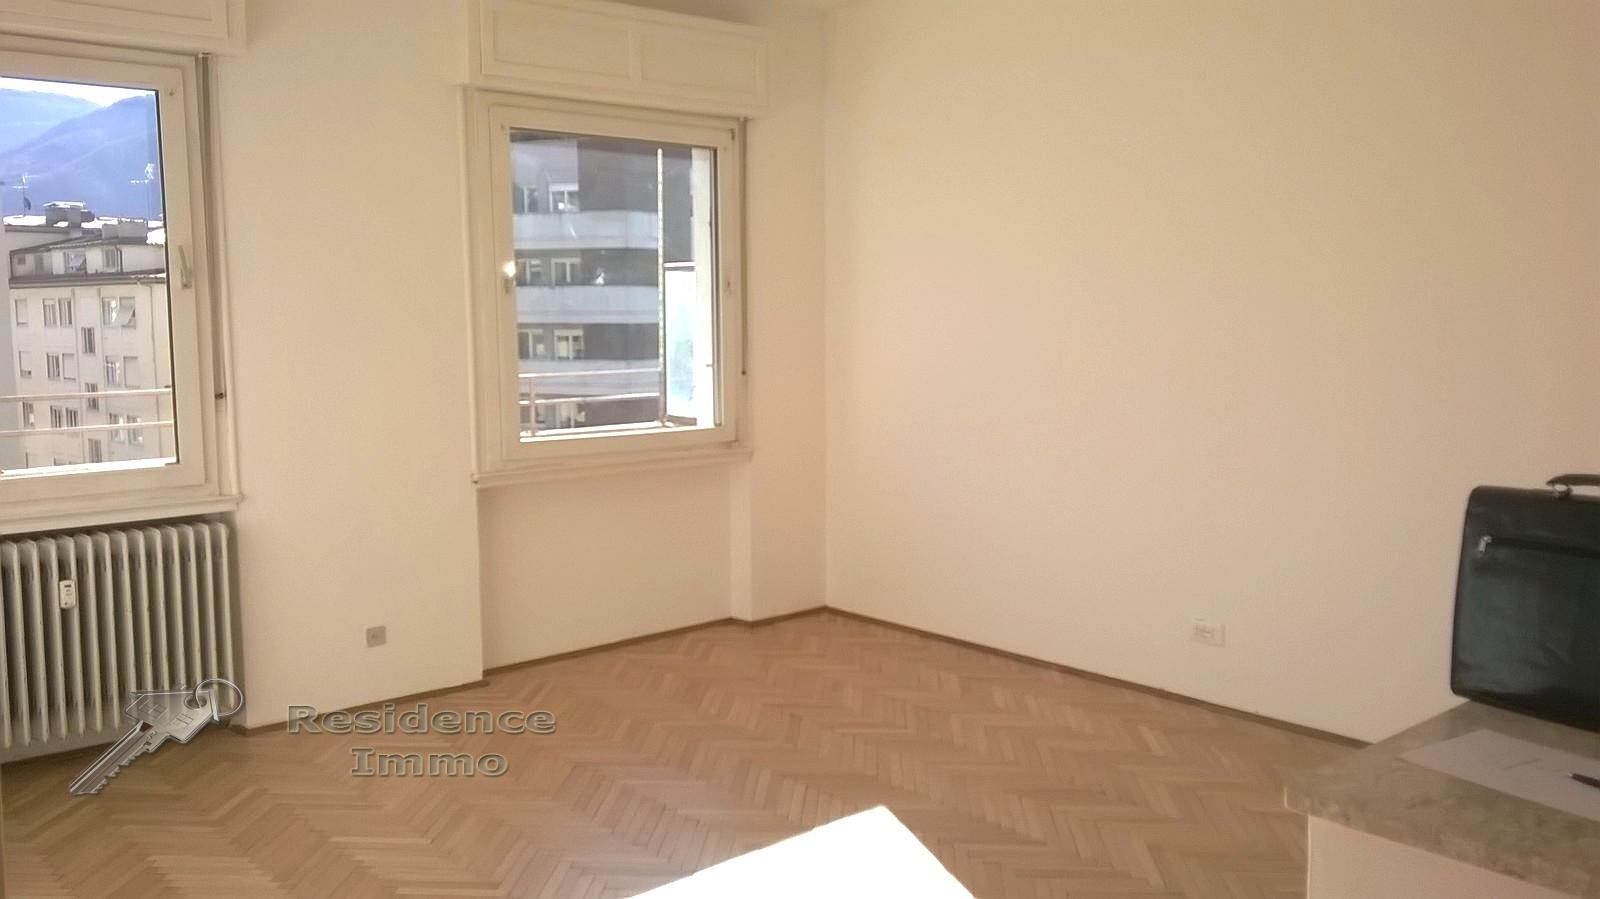 Attico / Mansarda in vendita a Bolzano, 5 locali, zona Zona: Residenziale, prezzo € 420.000 | Cambio Casa.it